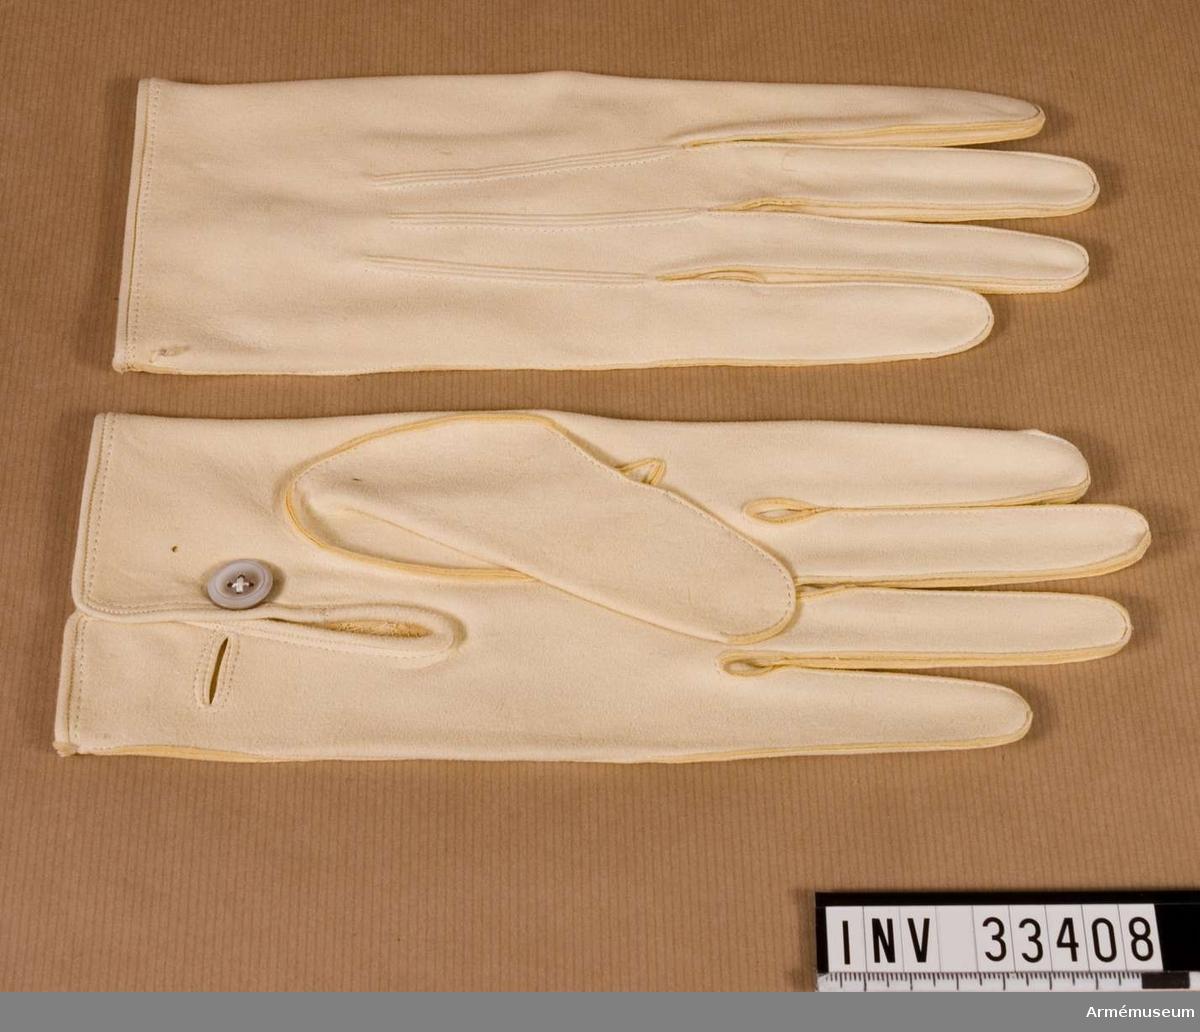 Uniformen består av dolma, långbyxor, ridbyxor, lackstövlar, spännsporrar, skjorta, handskar, husarmössa, 2 pompong, 2 ståndare, läderfodral, knutskärp, livrem, 2 sabelbärrem, mössa, mössfodral, kartuschlåda med rem.  Samhörande nr är AM.33402-22